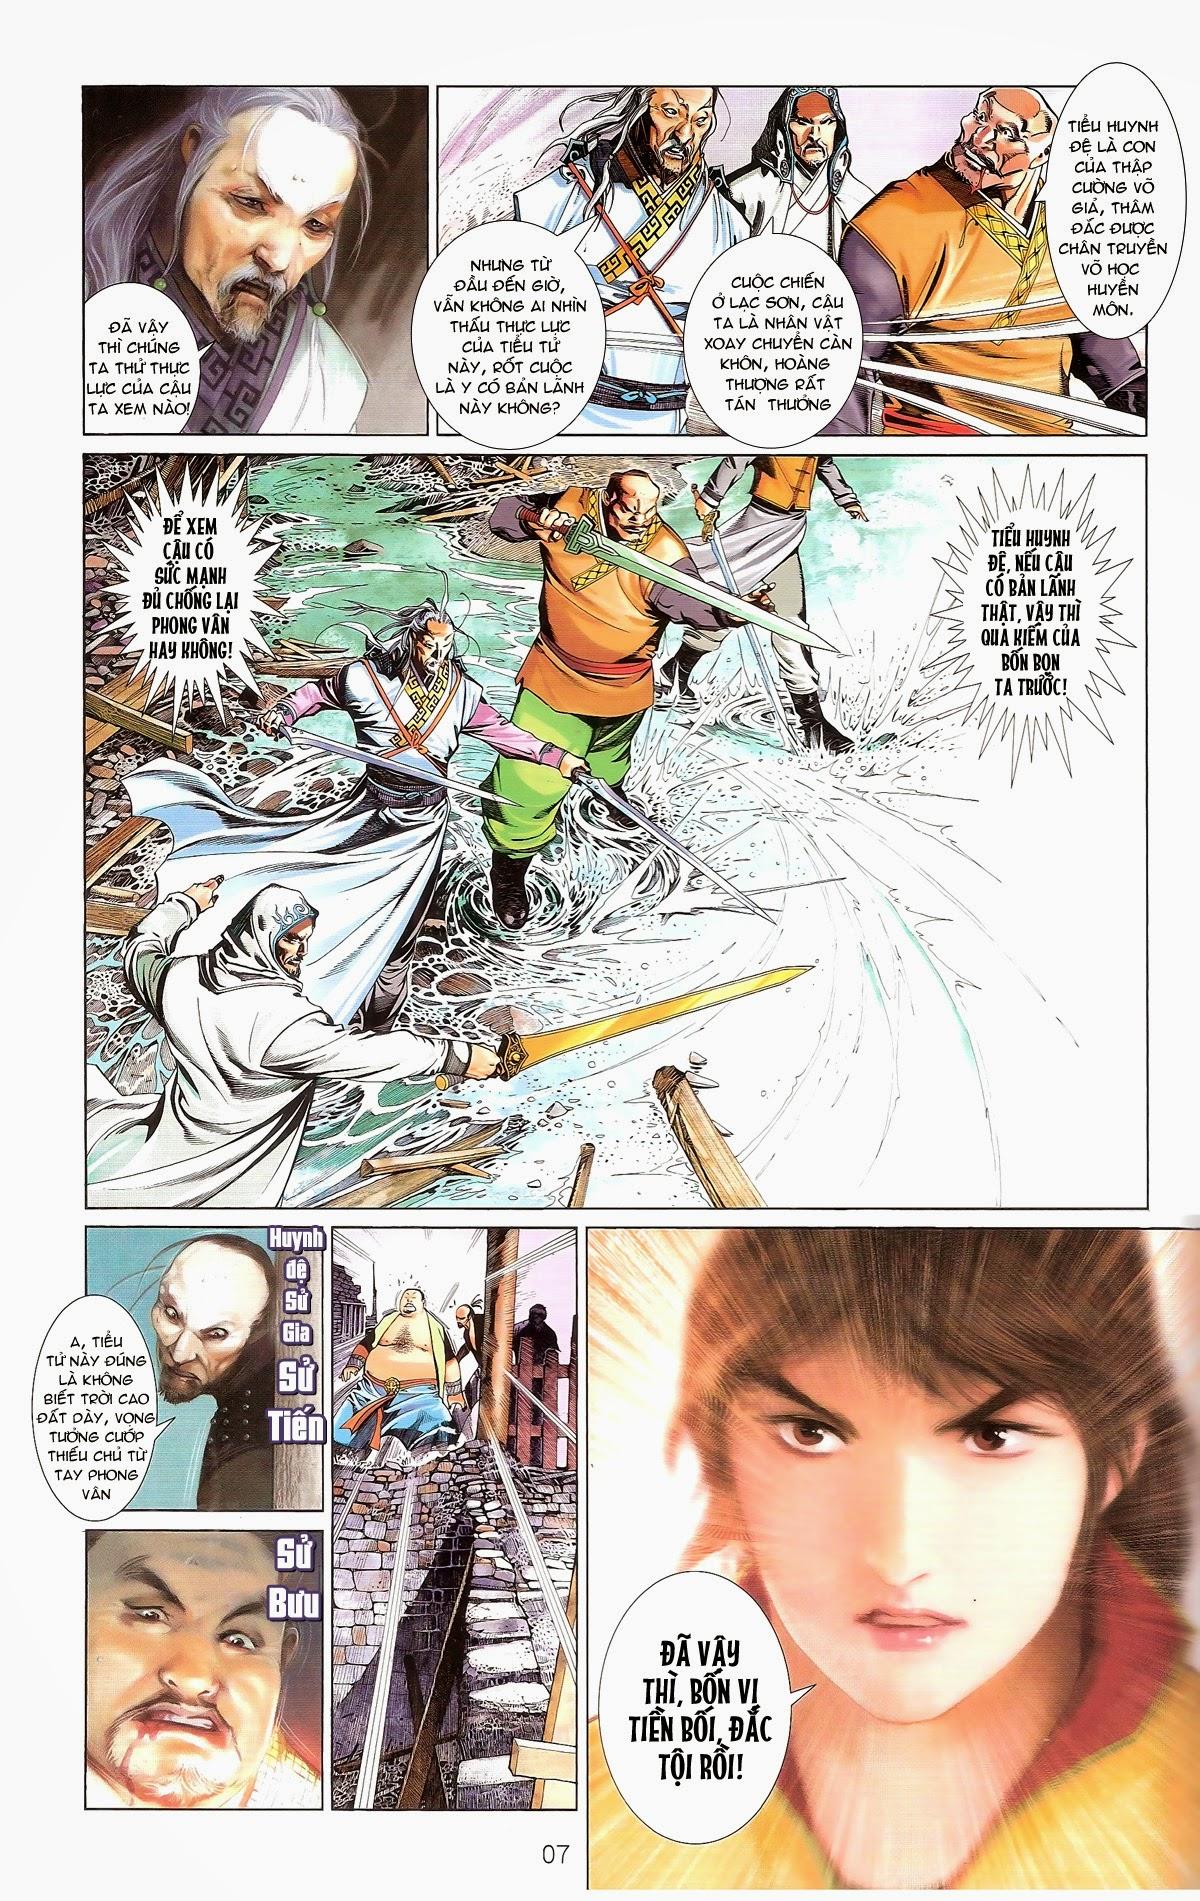 Phong Vân chap 674 – End Trang 9 - Mangak.info